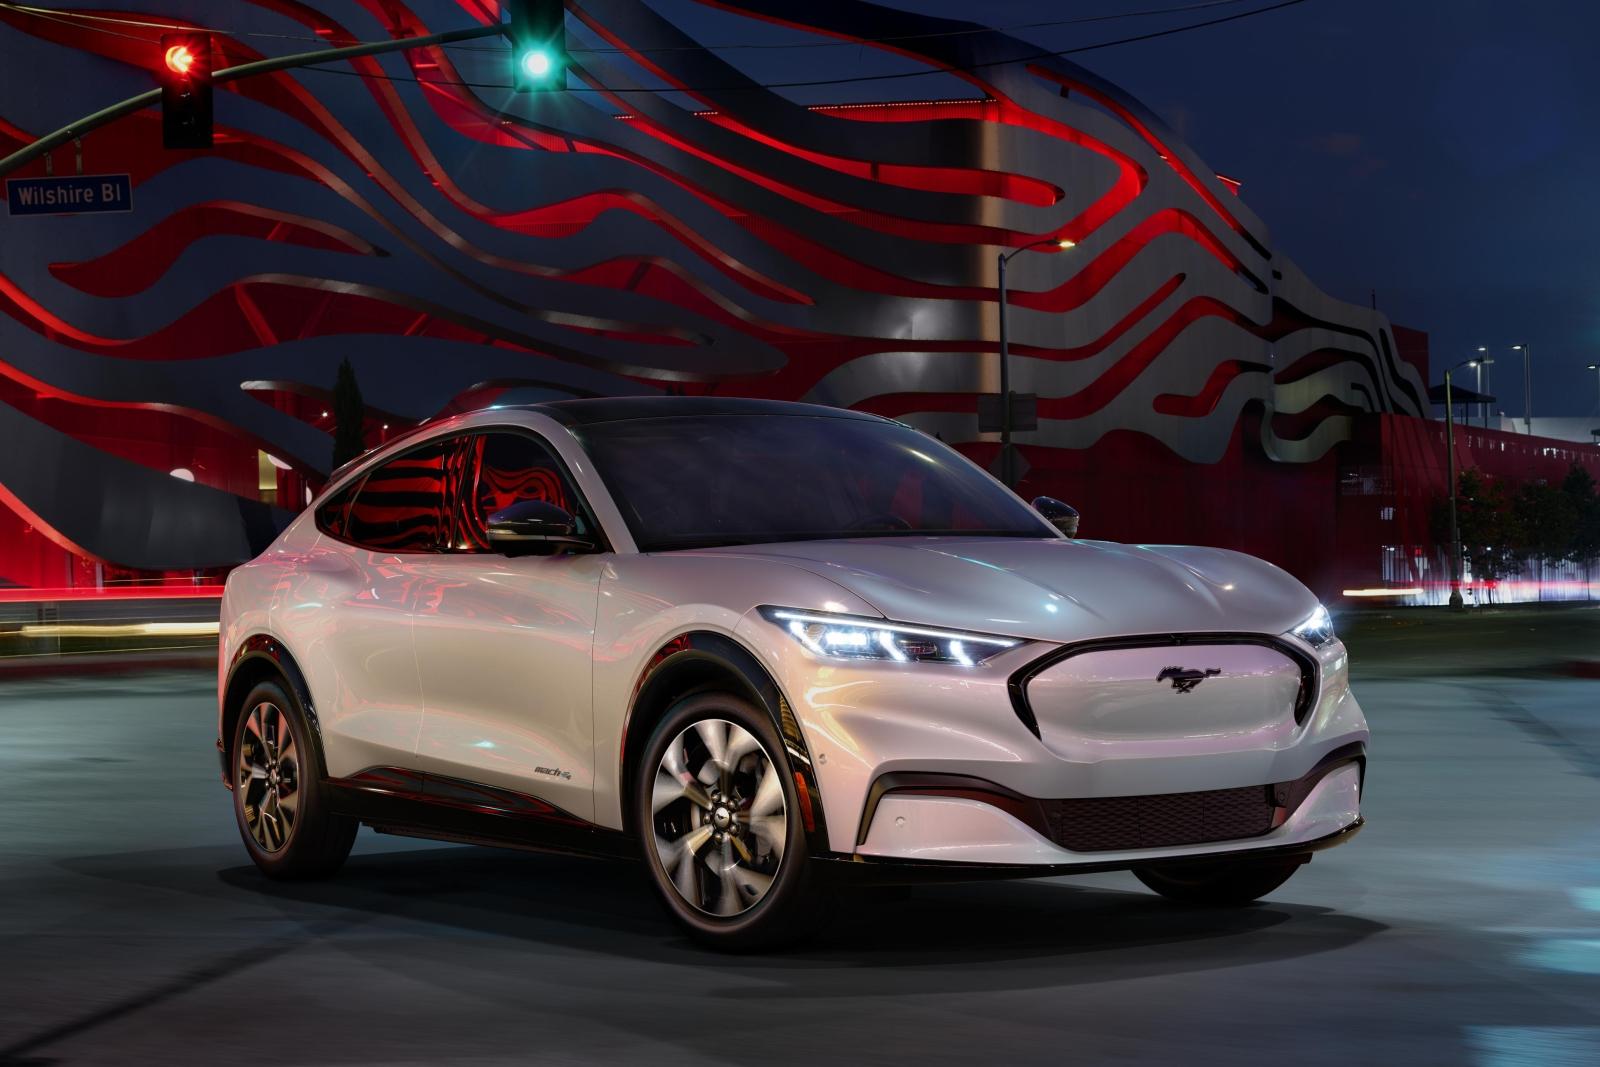 Ford karbonsemlegesség